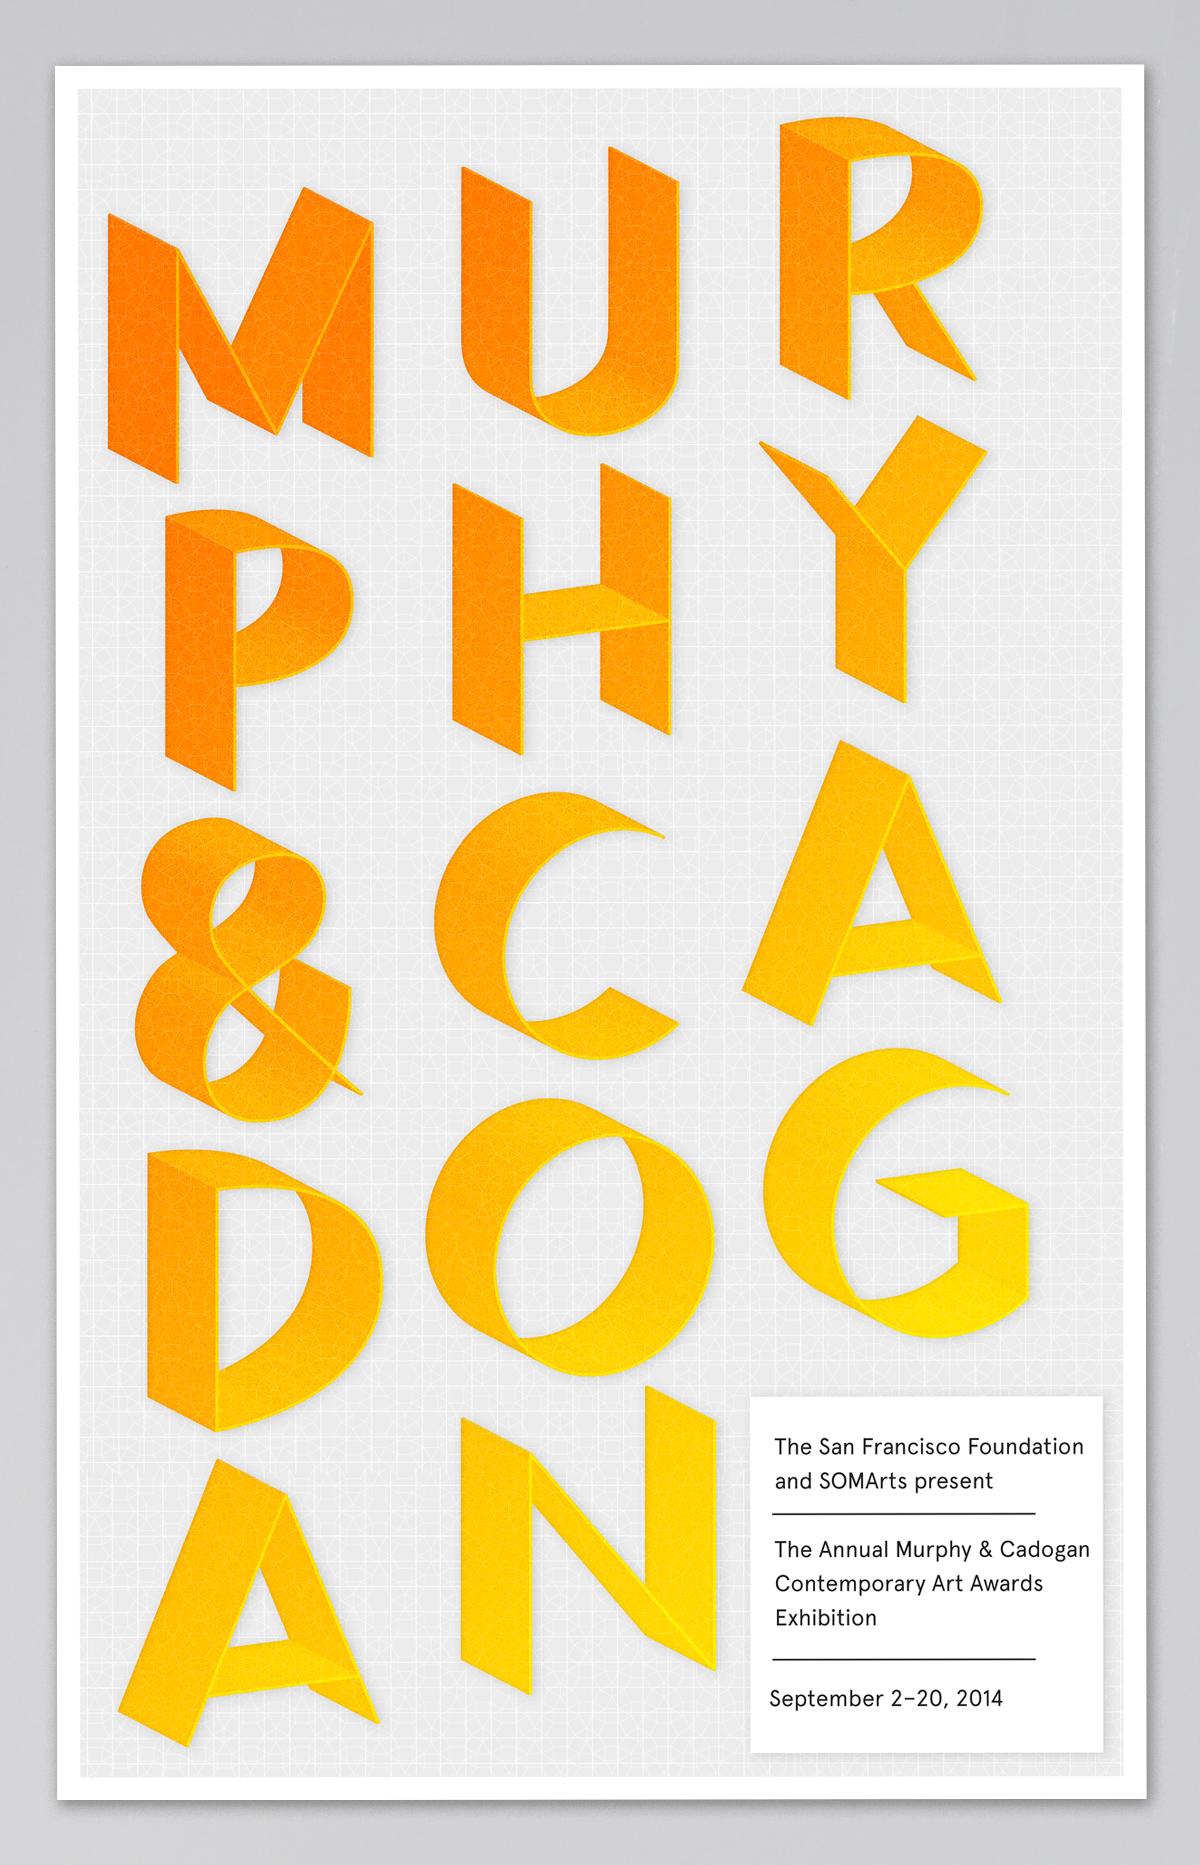 Poster_Mockup.png